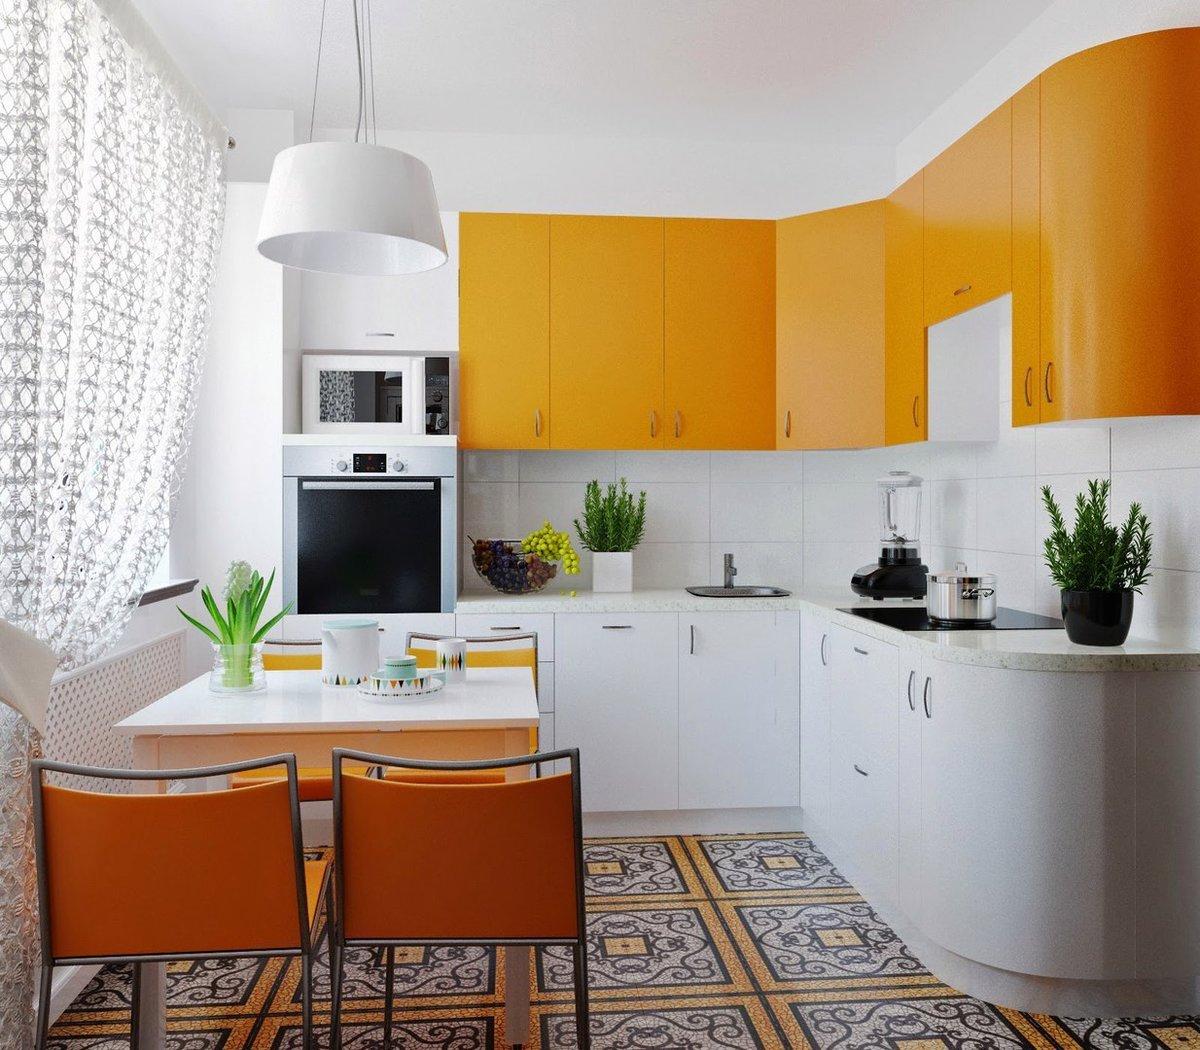 Как сделать кухню в квартире уютной и красивой фото